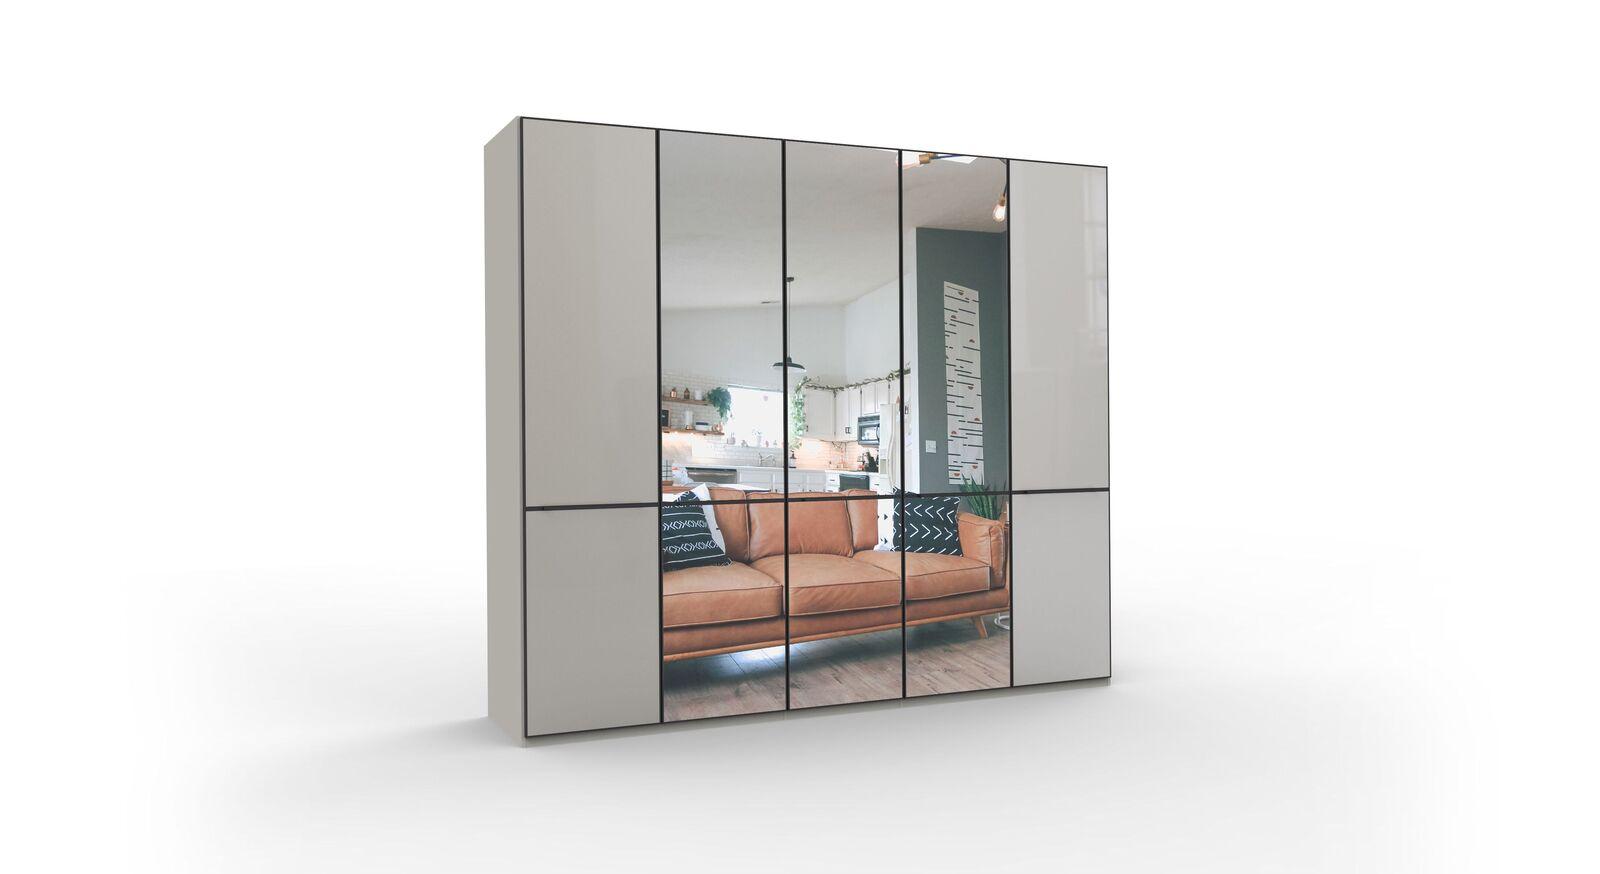 5-türiger Spiegel-Drehtüren-Kleiderschrank Loyd